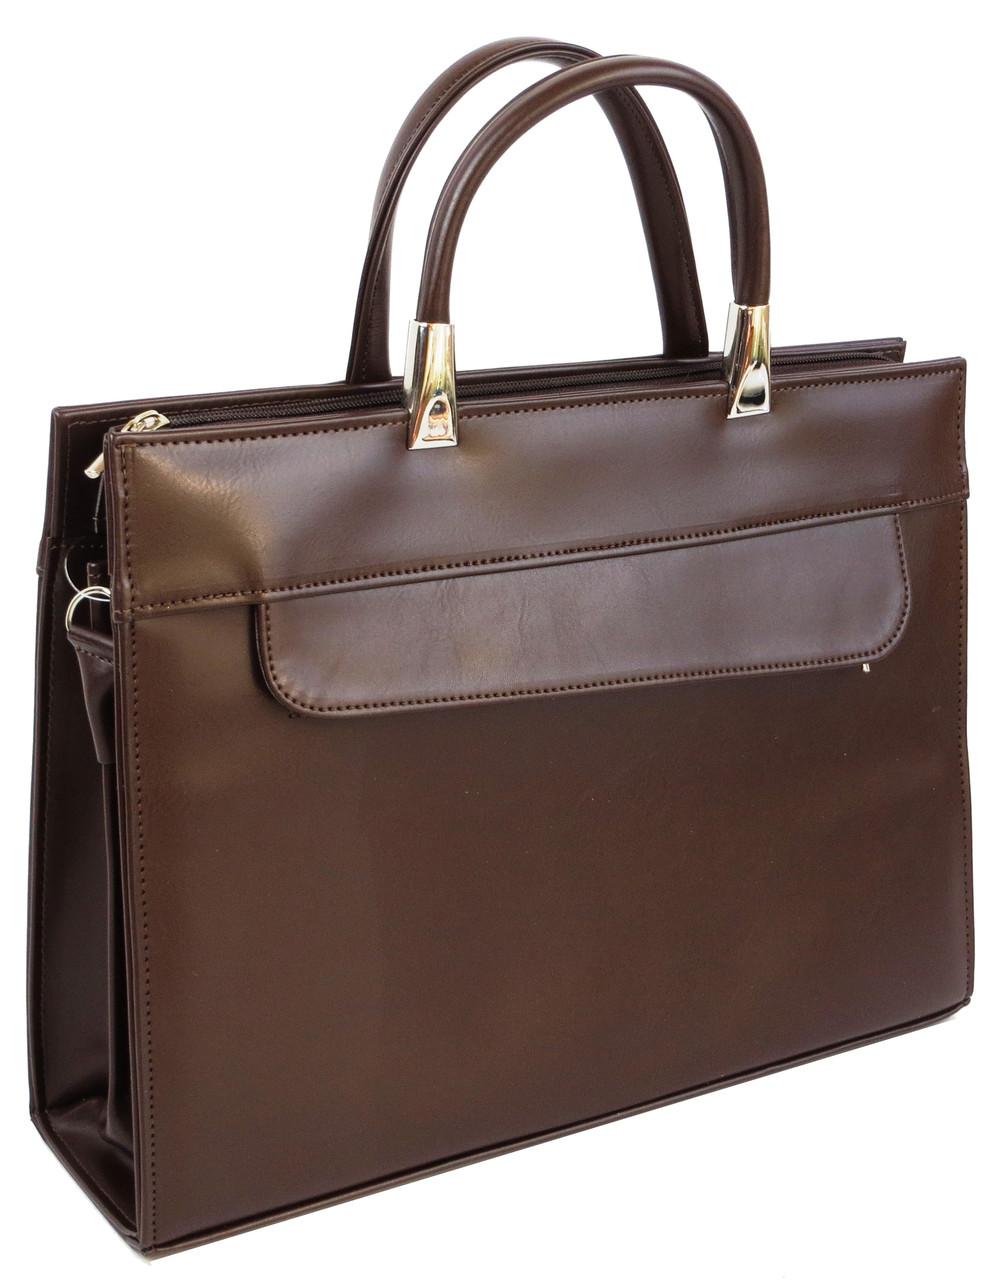 Женская деловая сумка из эко кожи Jurom коричневая